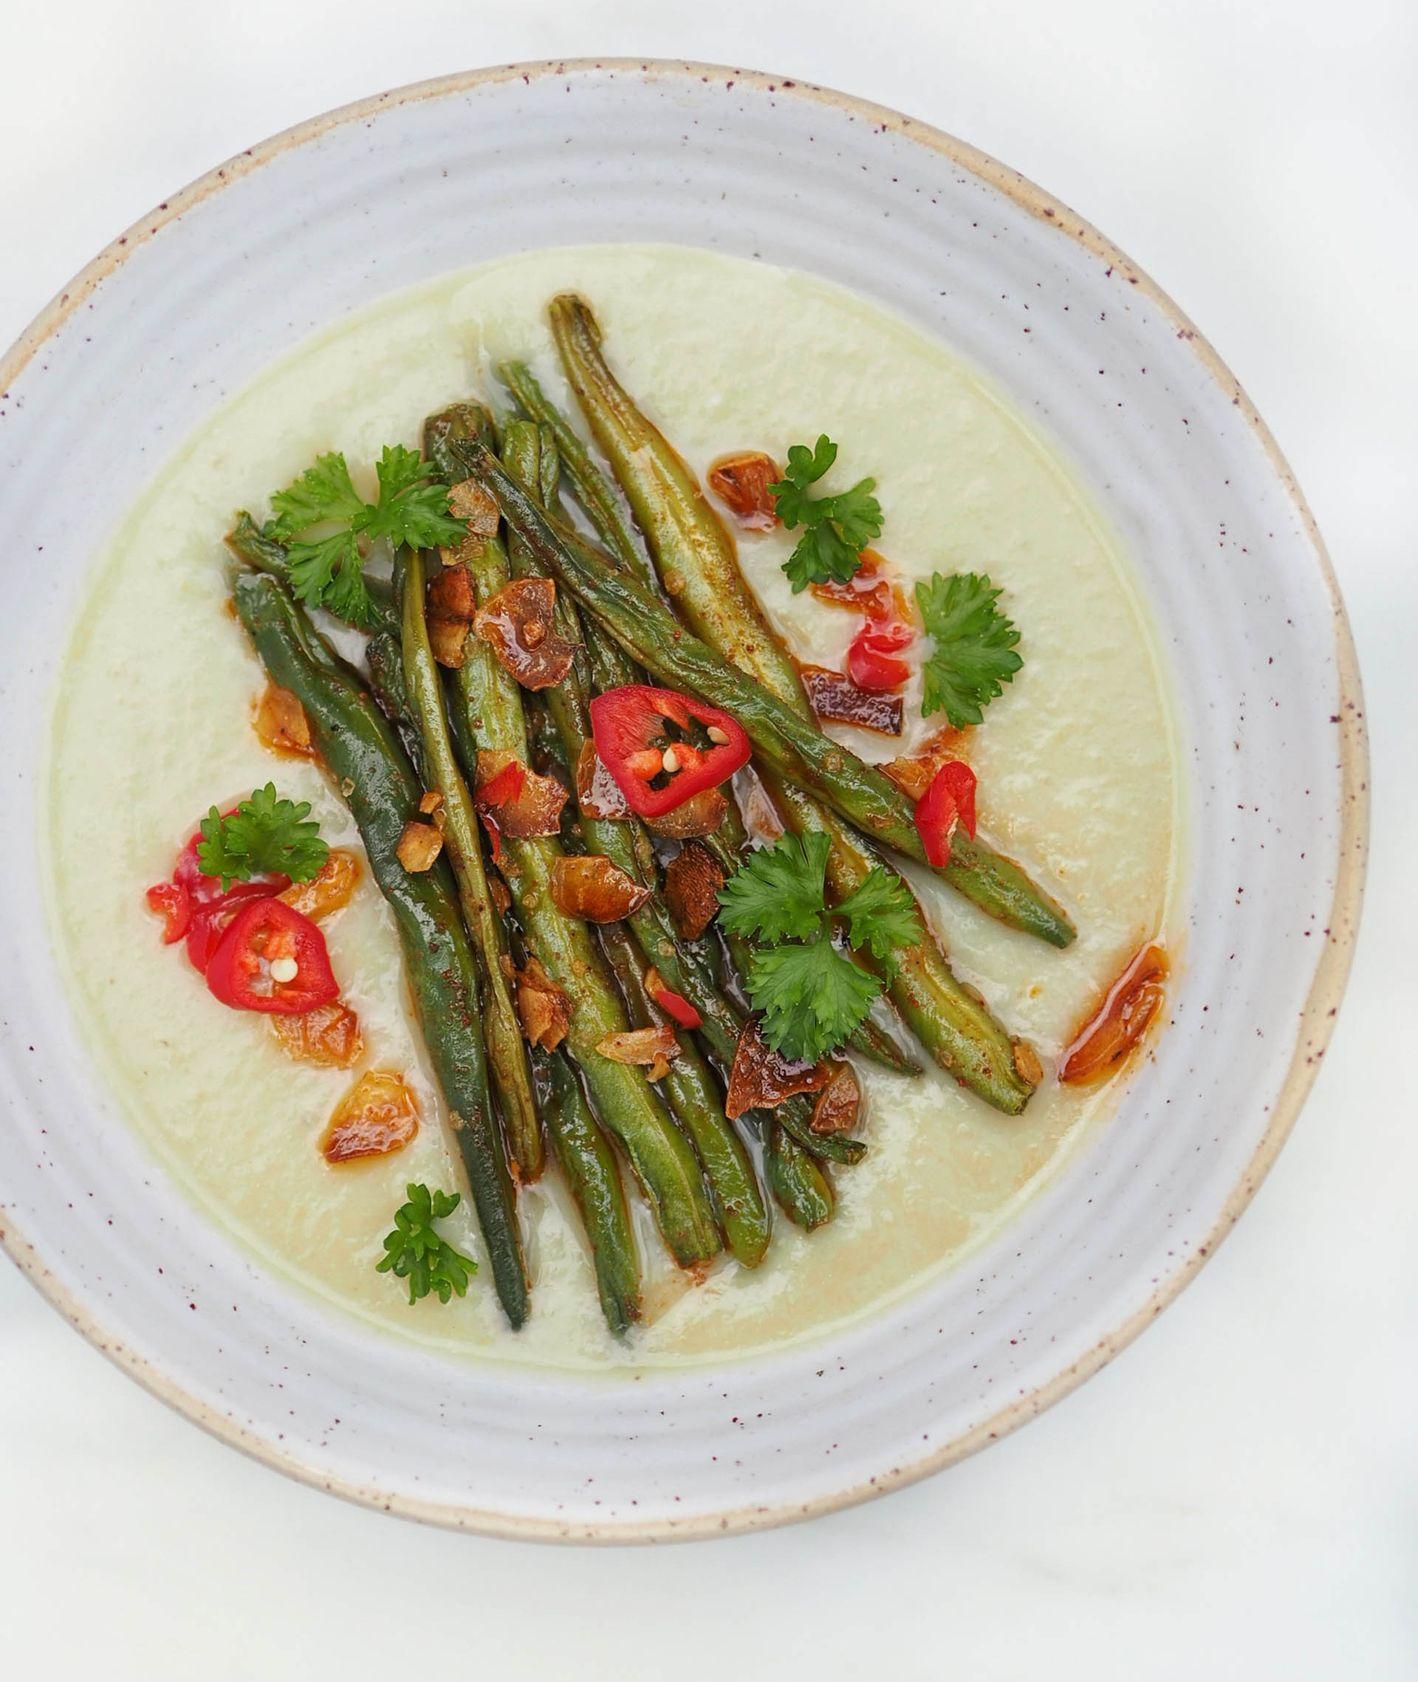 Zupa krem z zielonej fasolki szparagowej z pieczonym czosnkiem i papryczką (fot. Aleksandra Jagłowska)